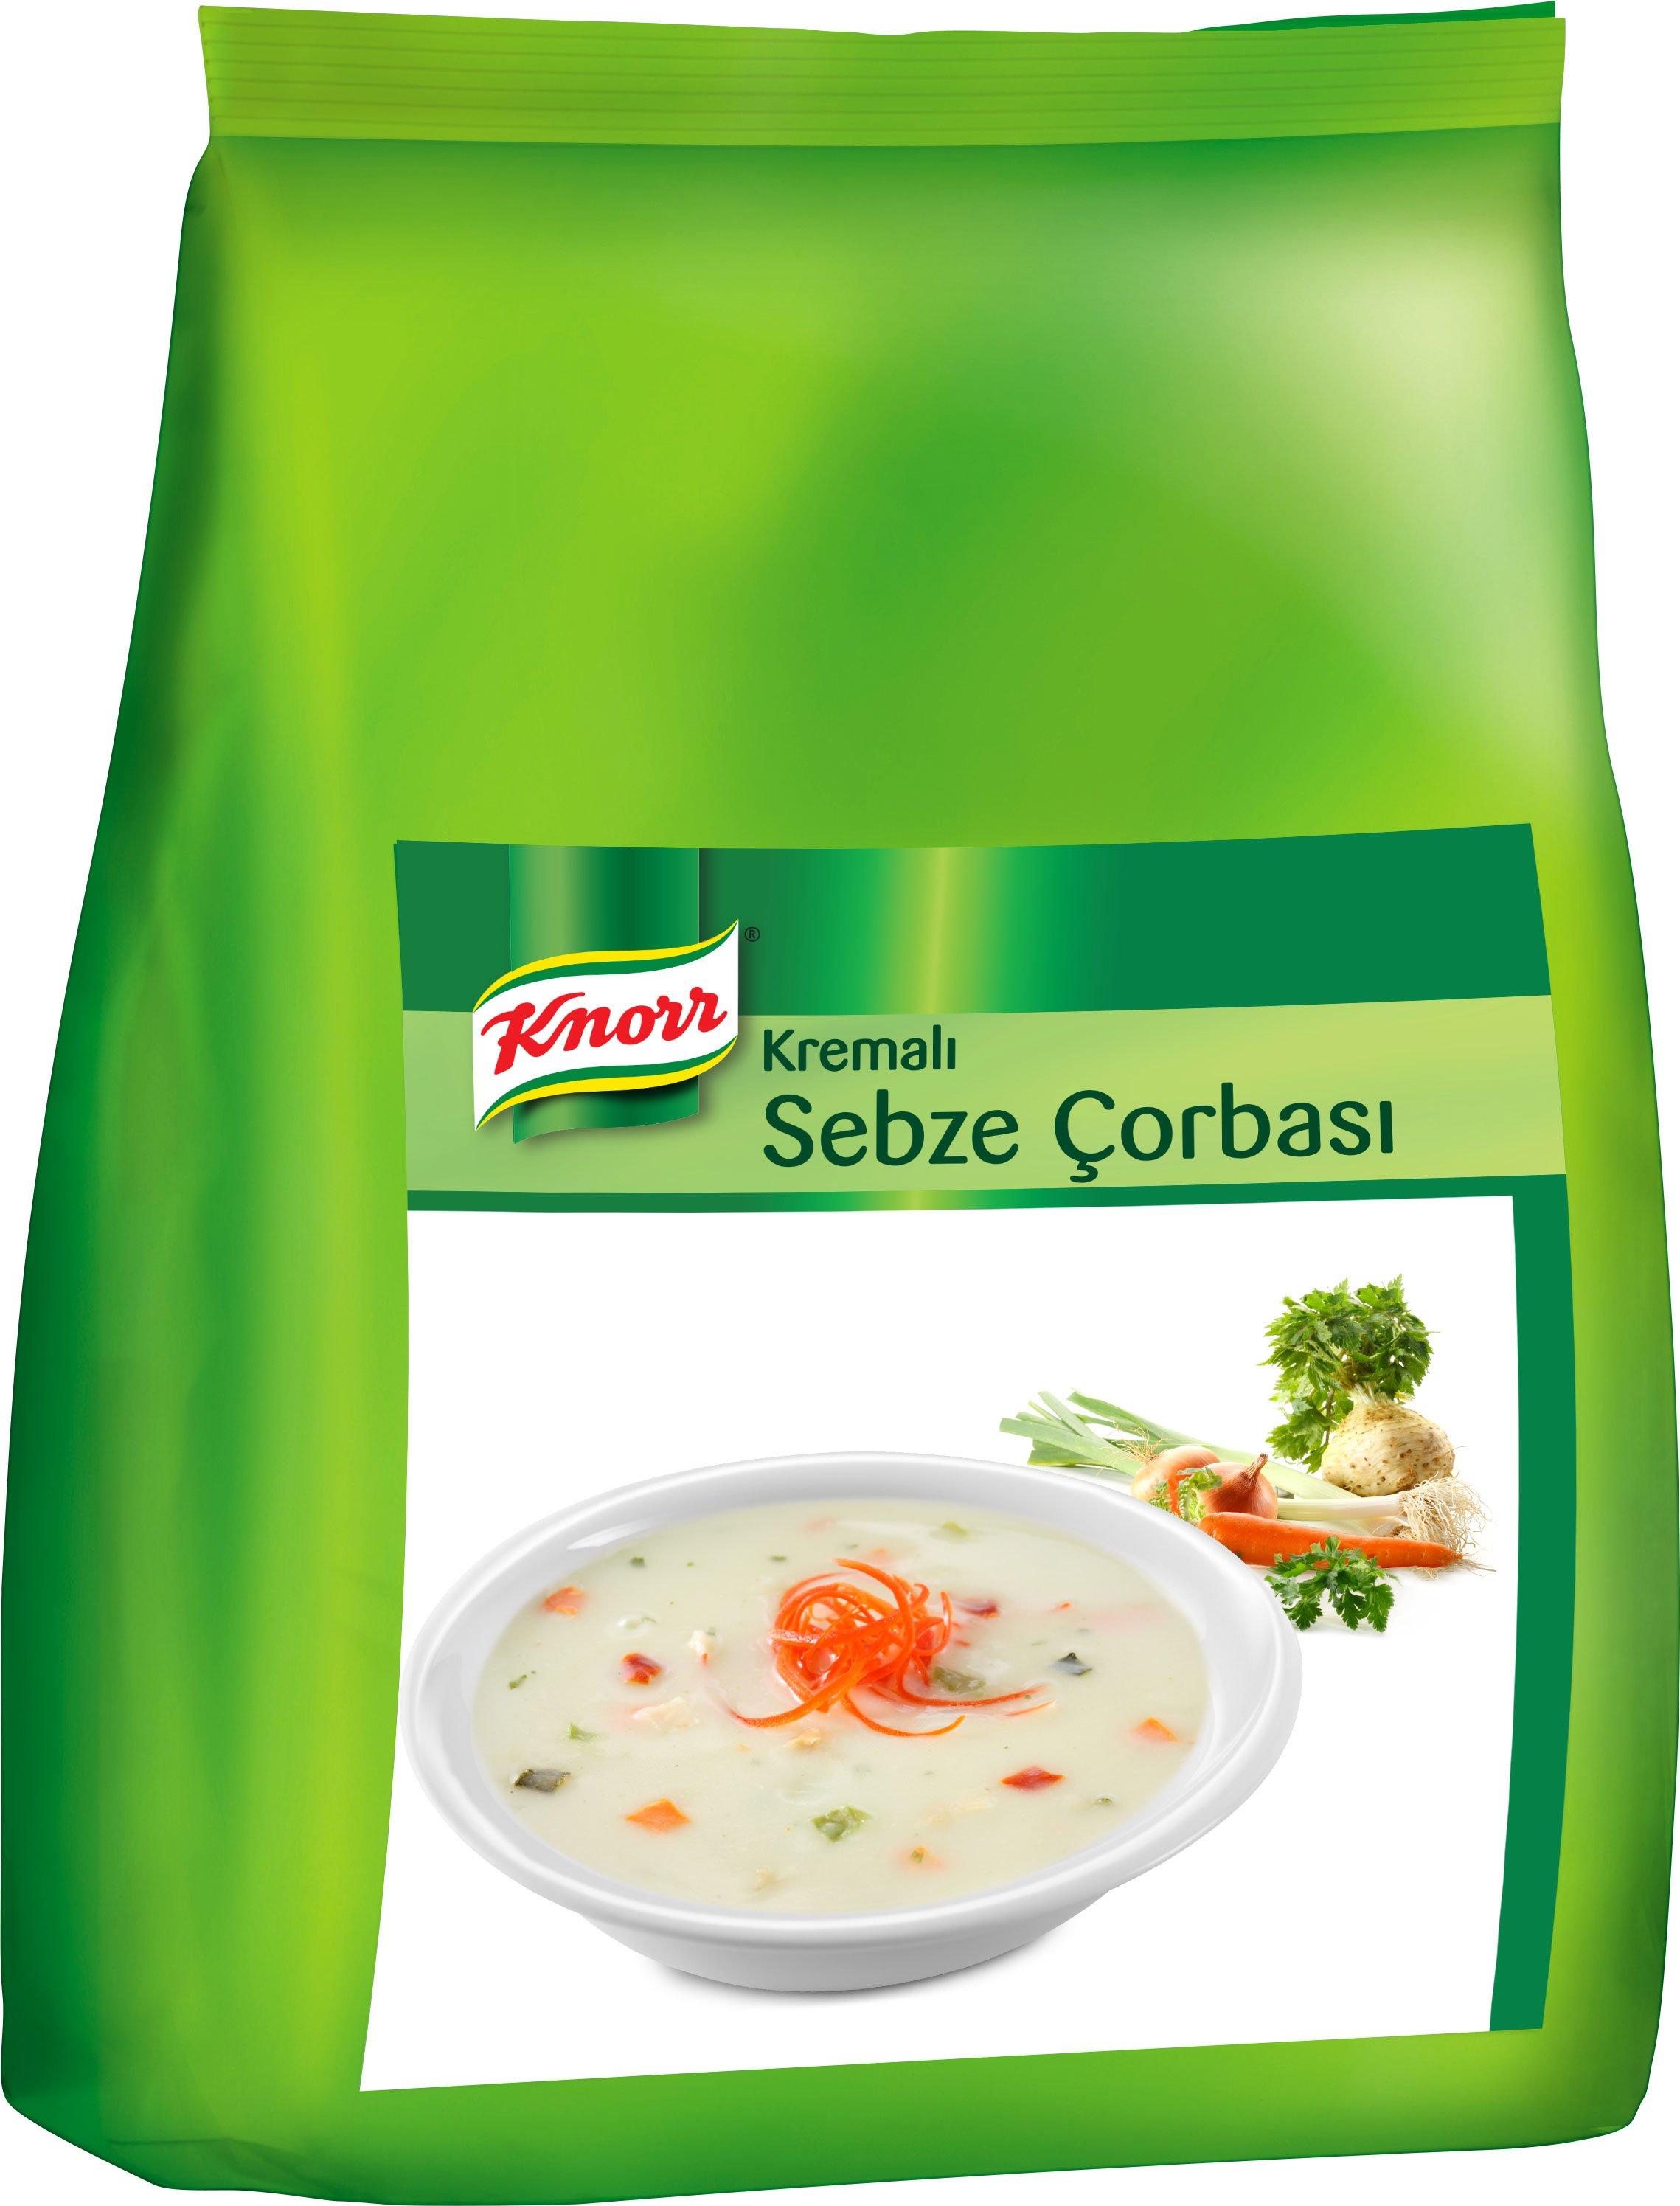 Knorr Kremalı Sebze Çorbası 3 kg -